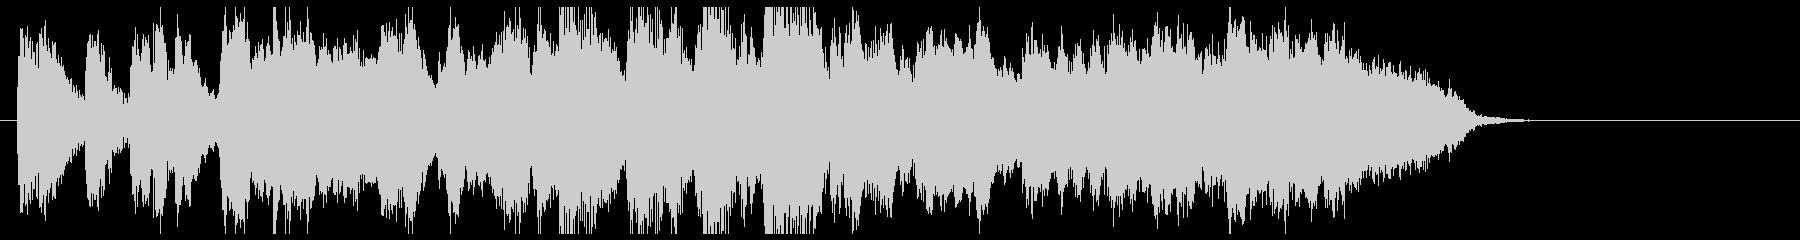 トランペットのジャズ風ジングルの未再生の波形